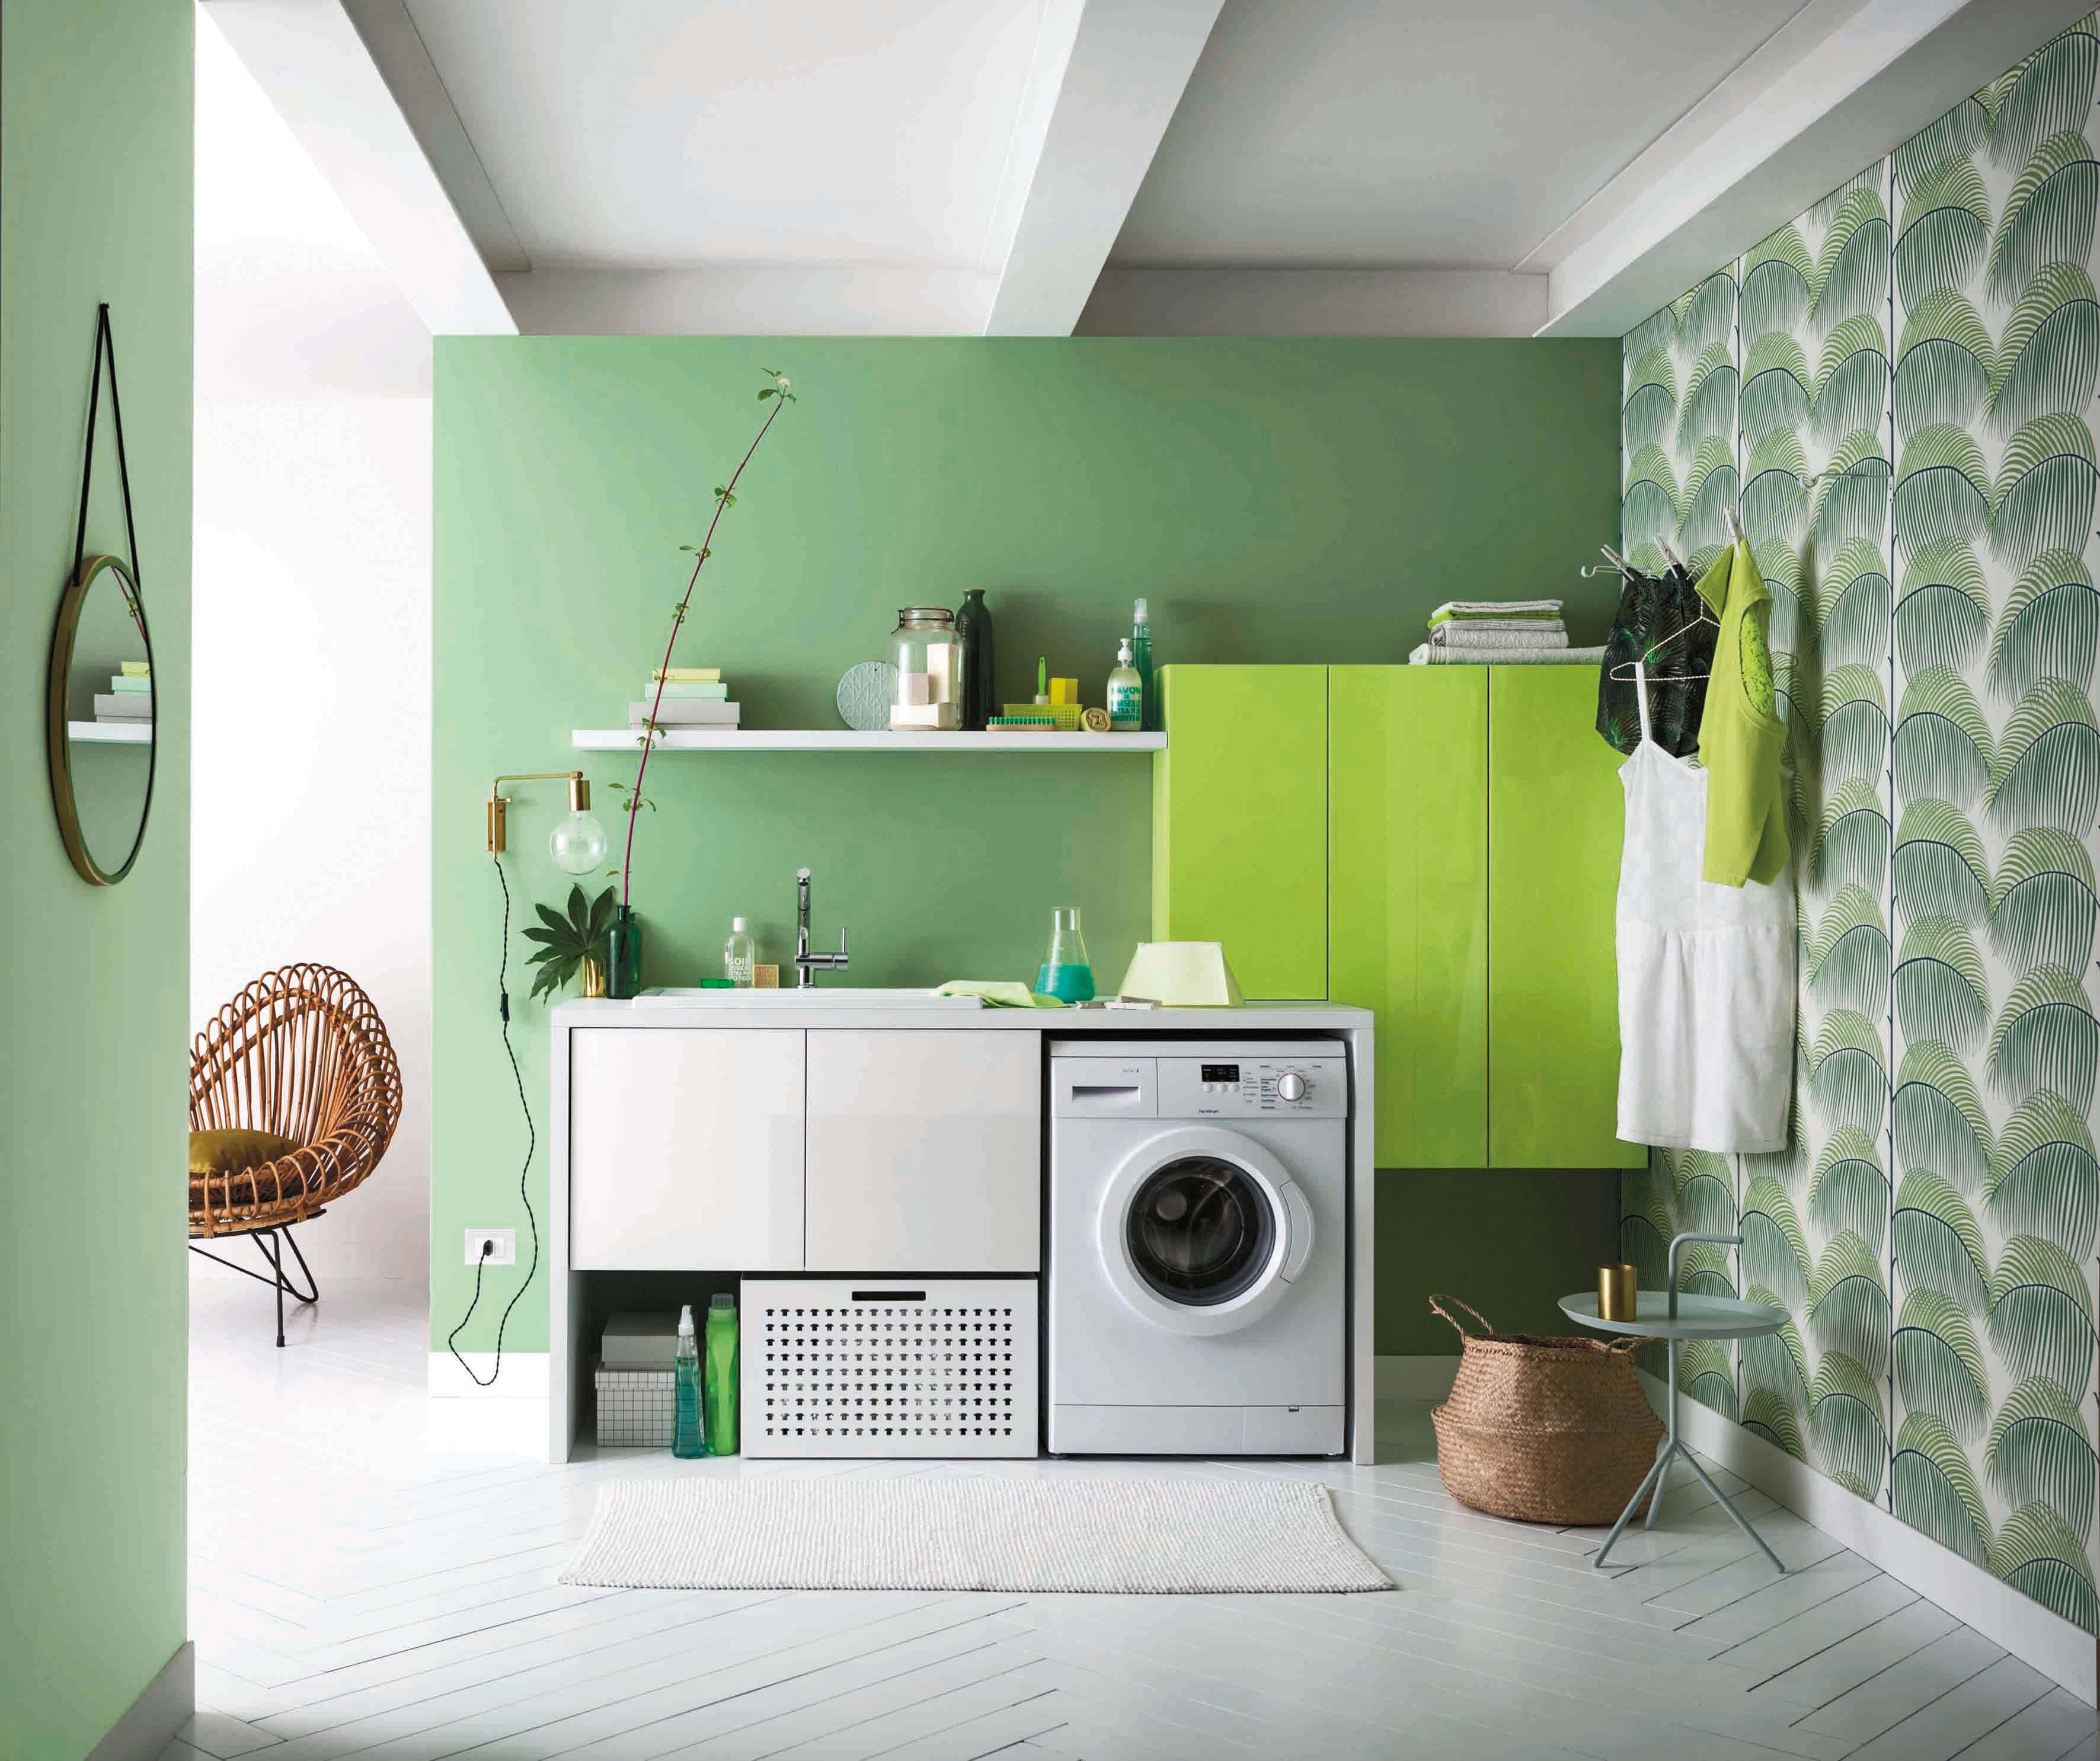 Lavanderia chic 35 idee per organizzarla - Idee bagno design ...